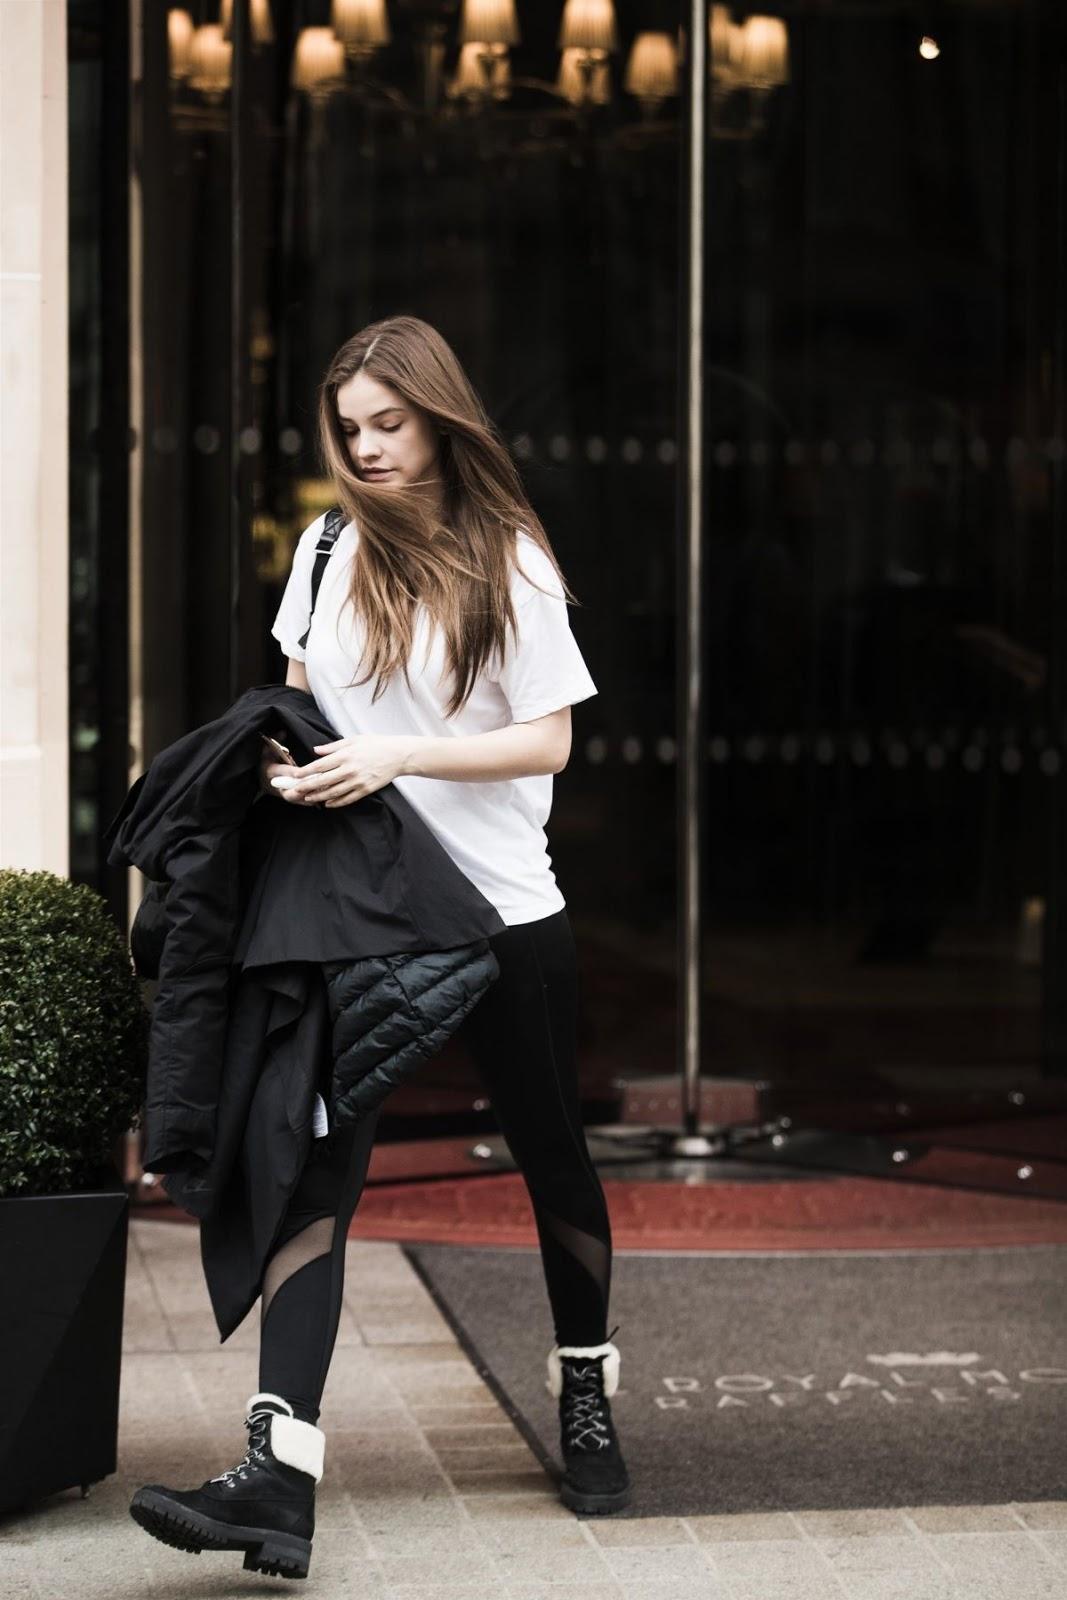 Barbara Palvin Leaves Royal Monceau Hotel in Paris - 02/06/2019